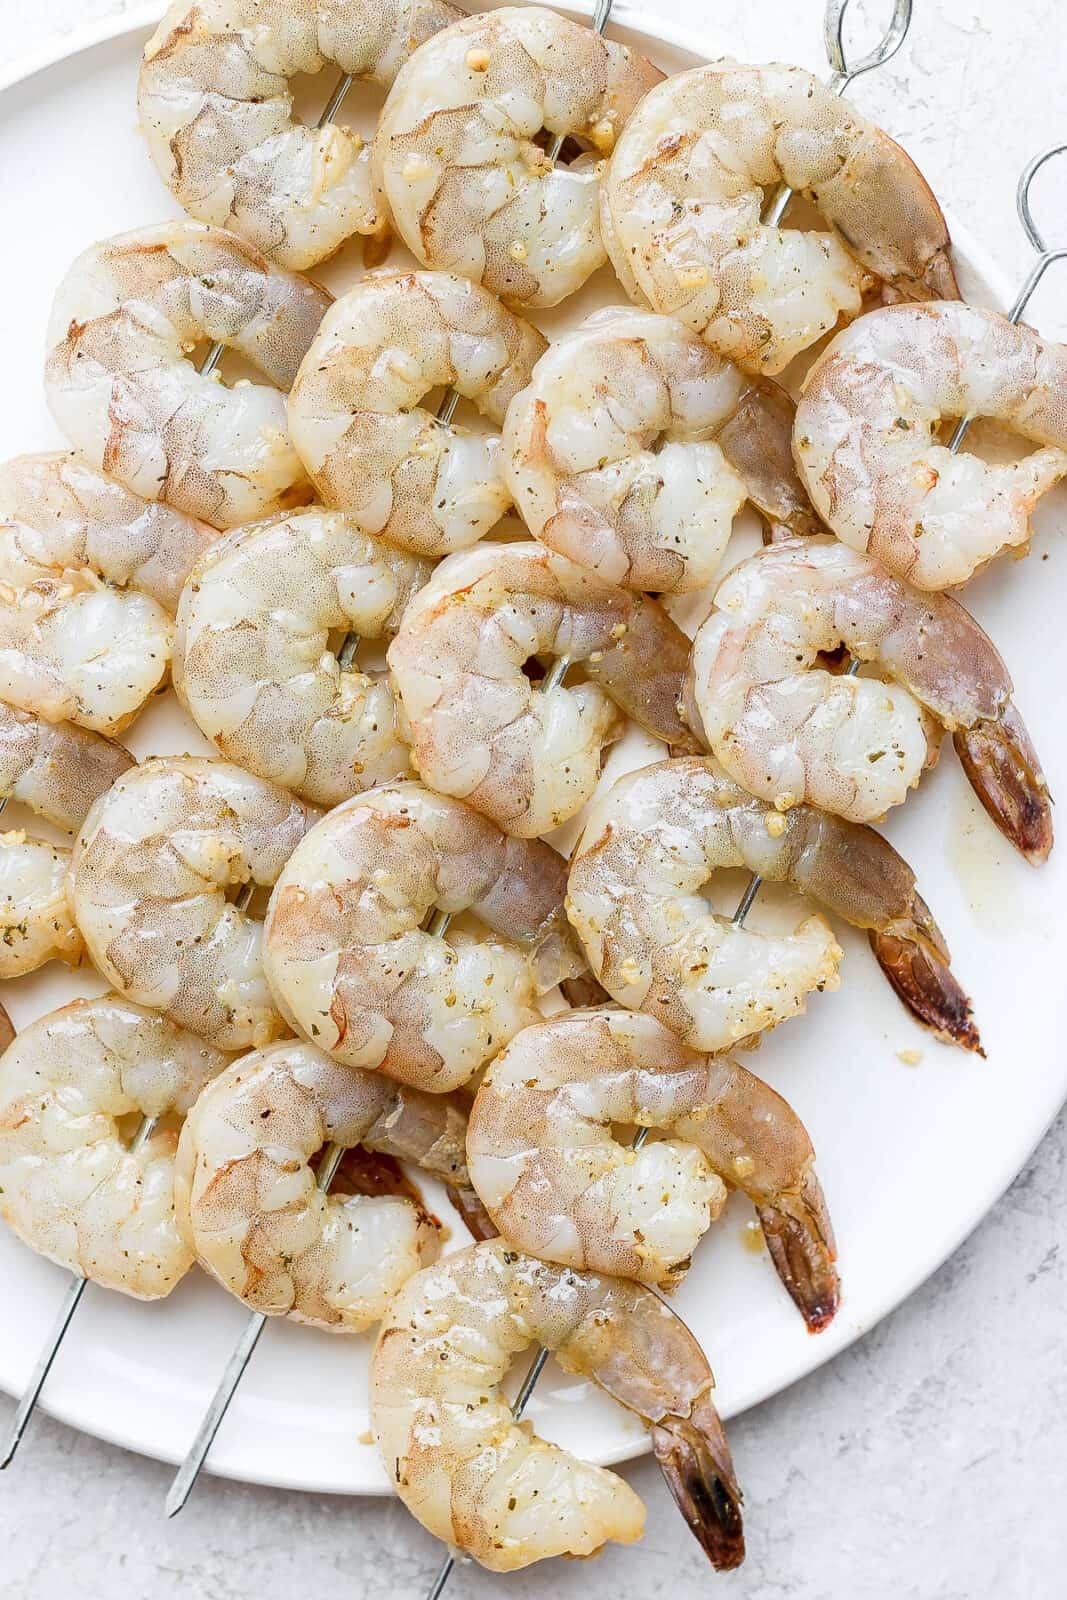 Marinated shrimp on skewers.